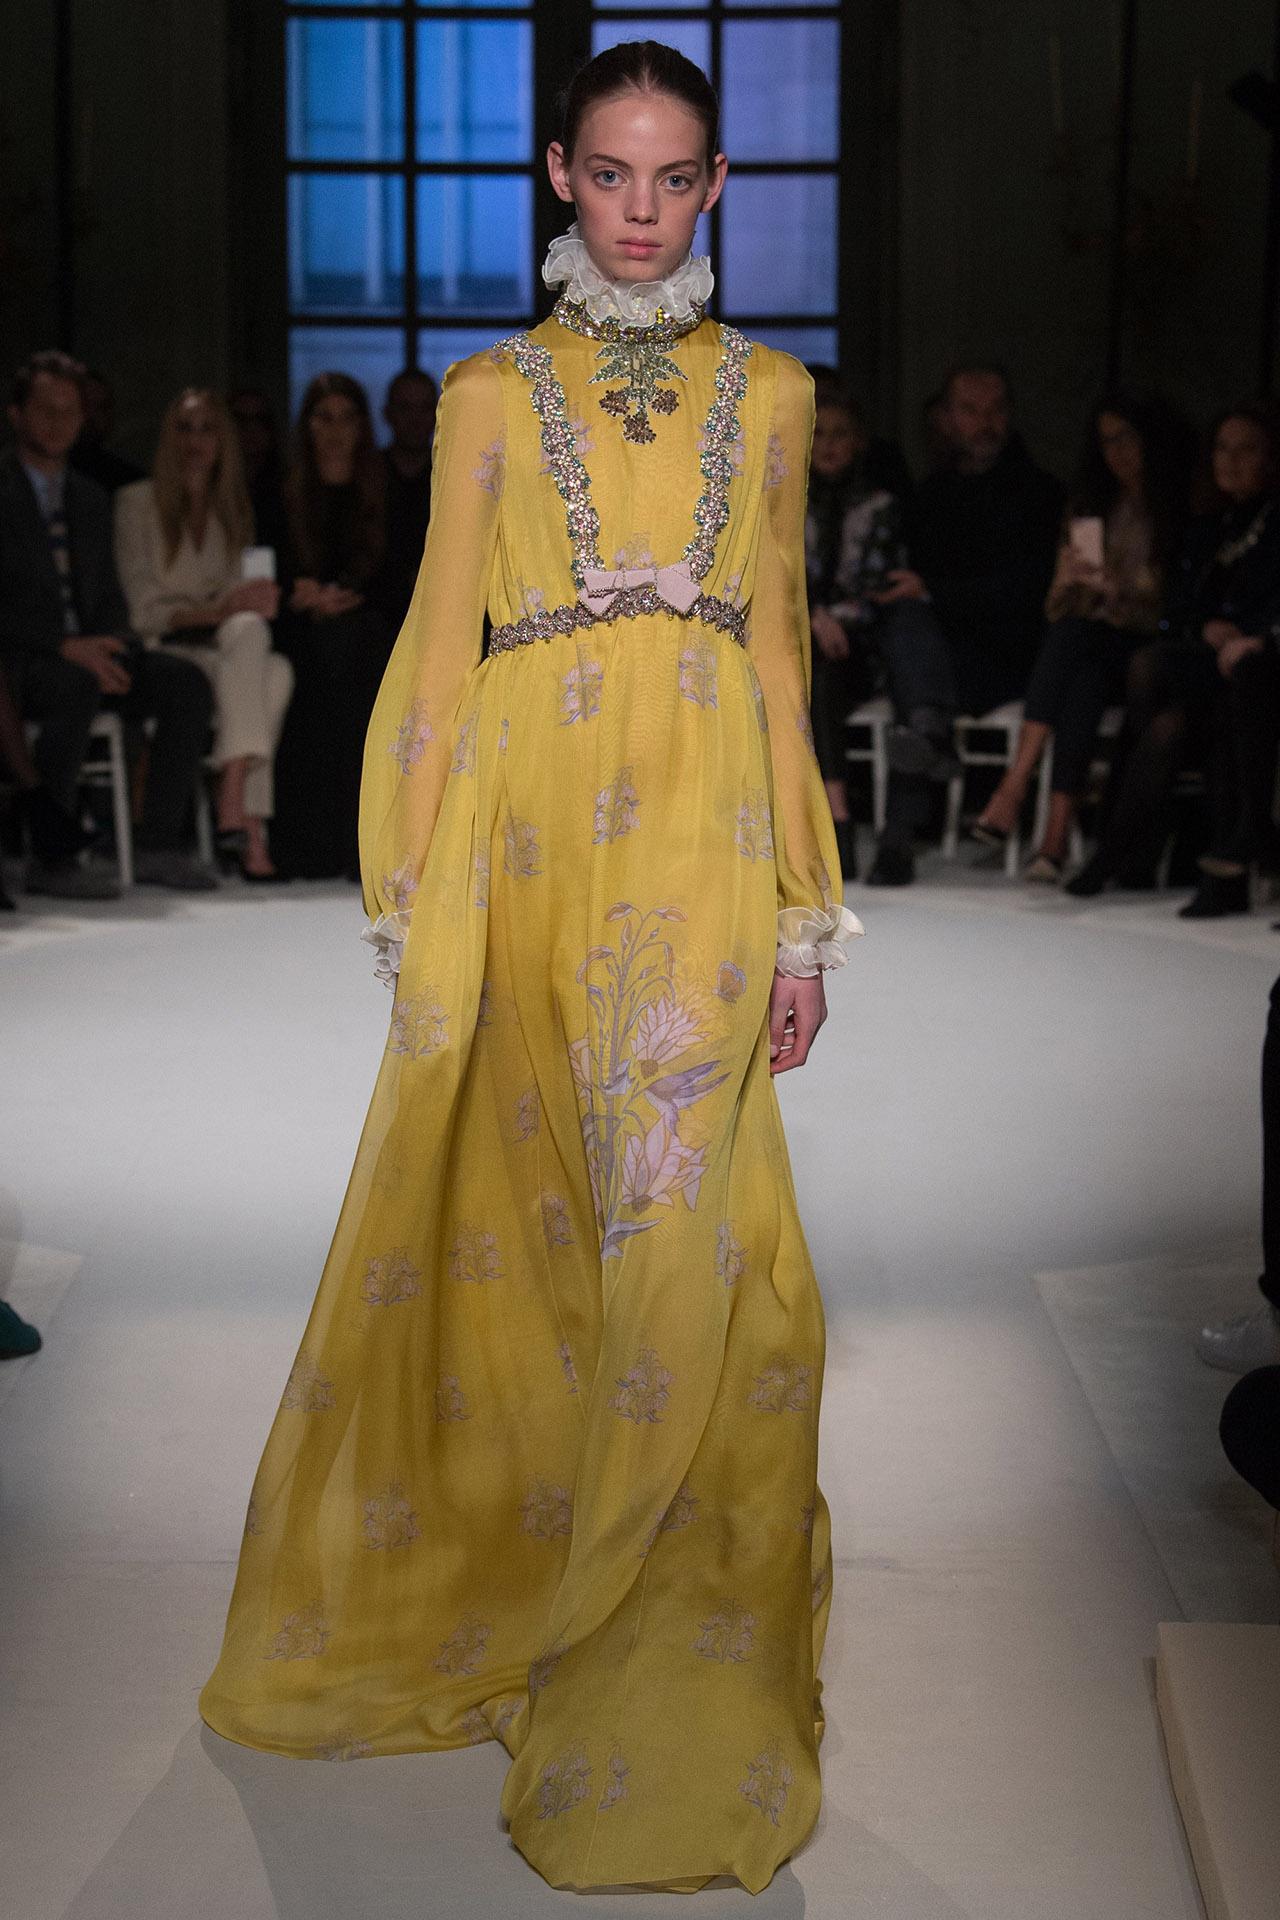 Mariana Zaragoza for Giambattista Valli Spring 2017 Couture